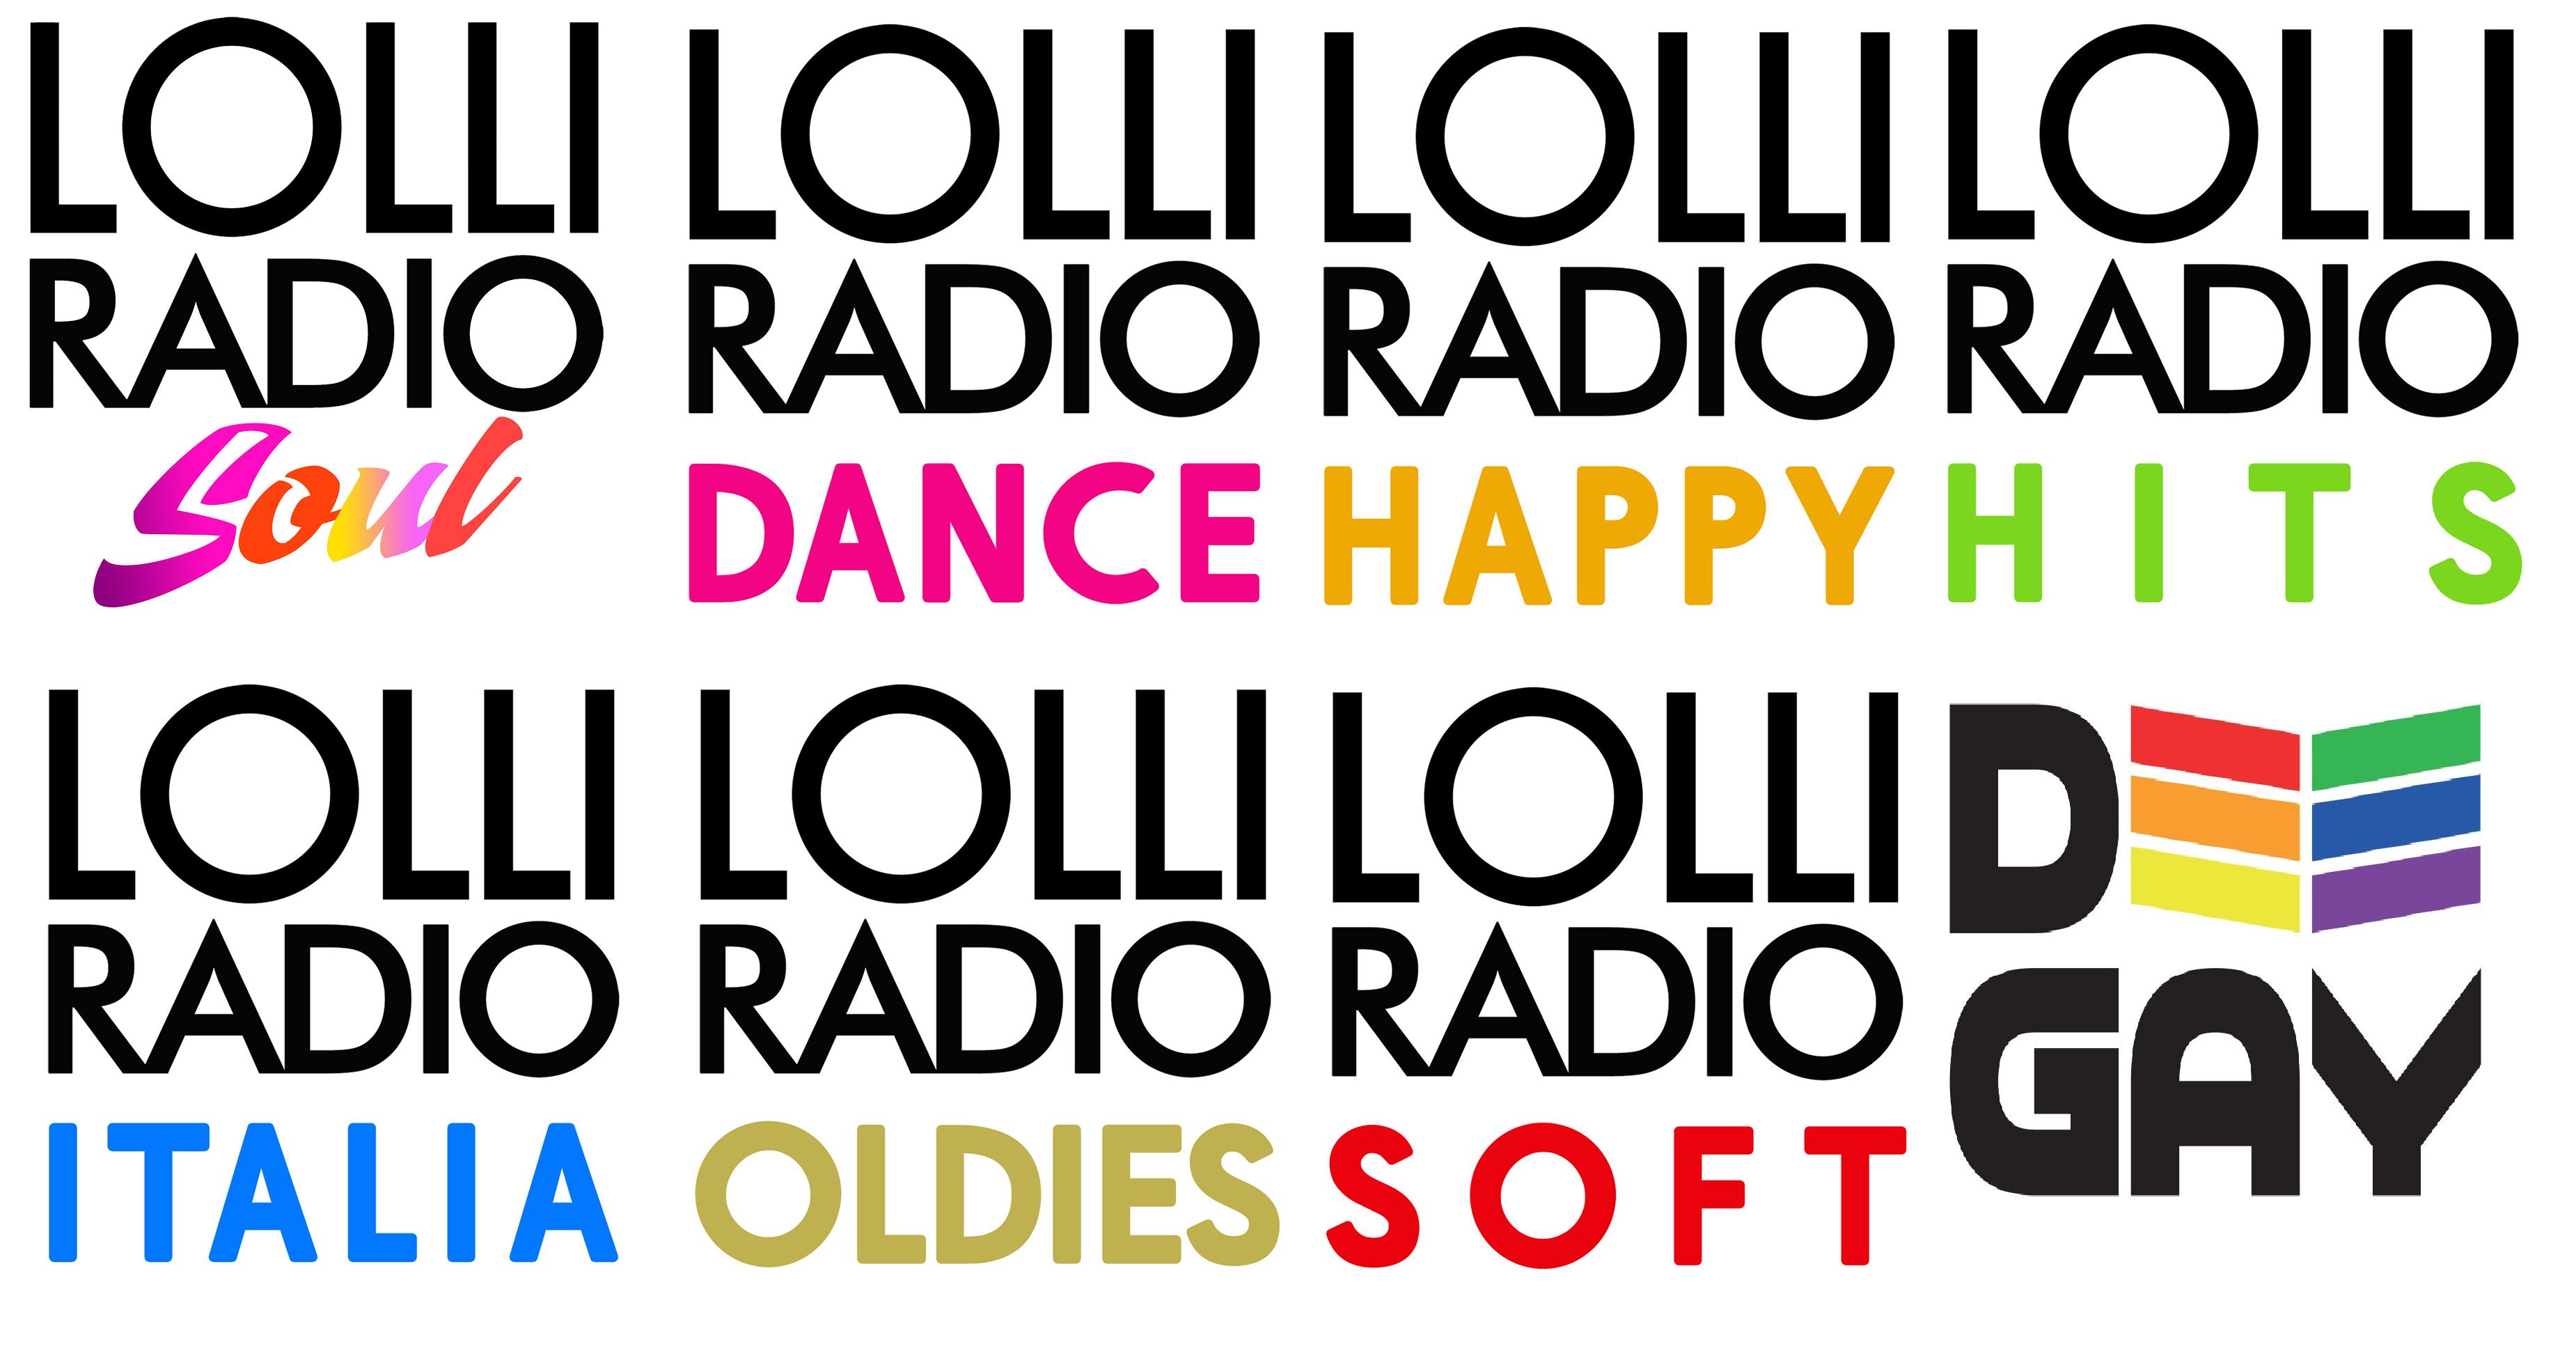 Marco Lolli Lolliradio bran bouquet - Radio. Marco Lolli: Alberto Hazan mi propose di essere soci al 50% in Lolliradio. Ecco cosa successe